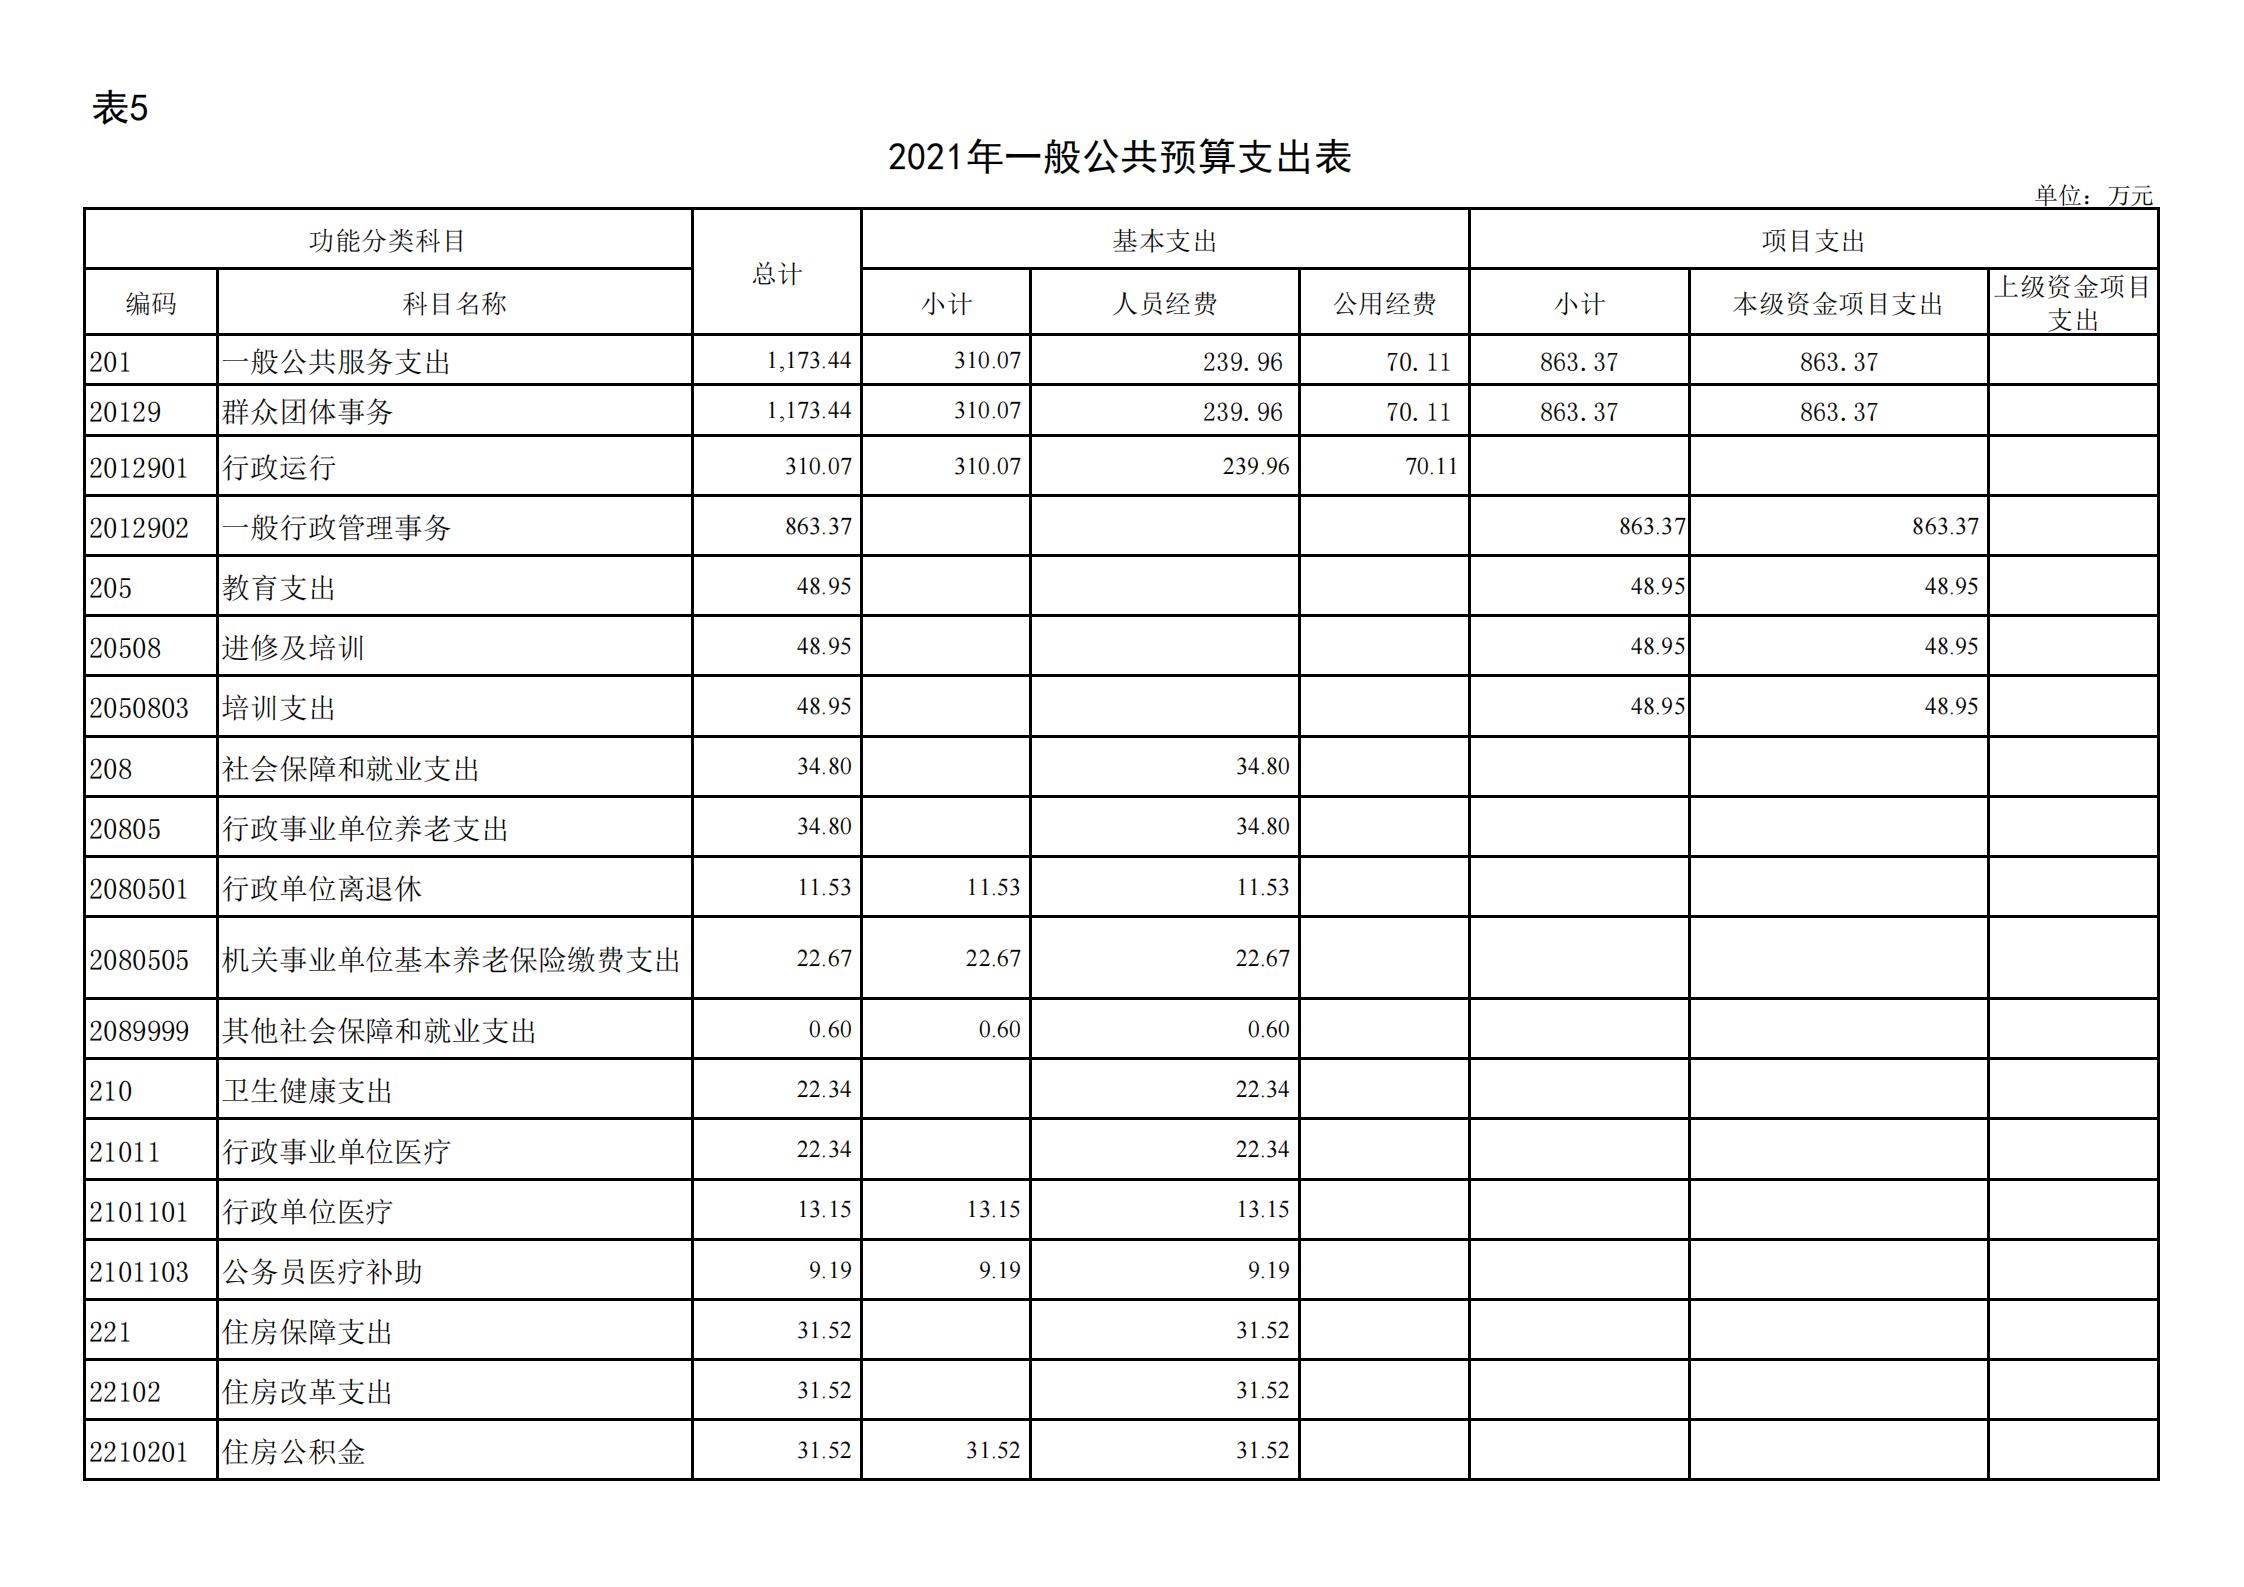 """共青团贵阳市委(本级)2021年度市级部门预算、""""三公""""经费预算公开说明(1)_16.png"""